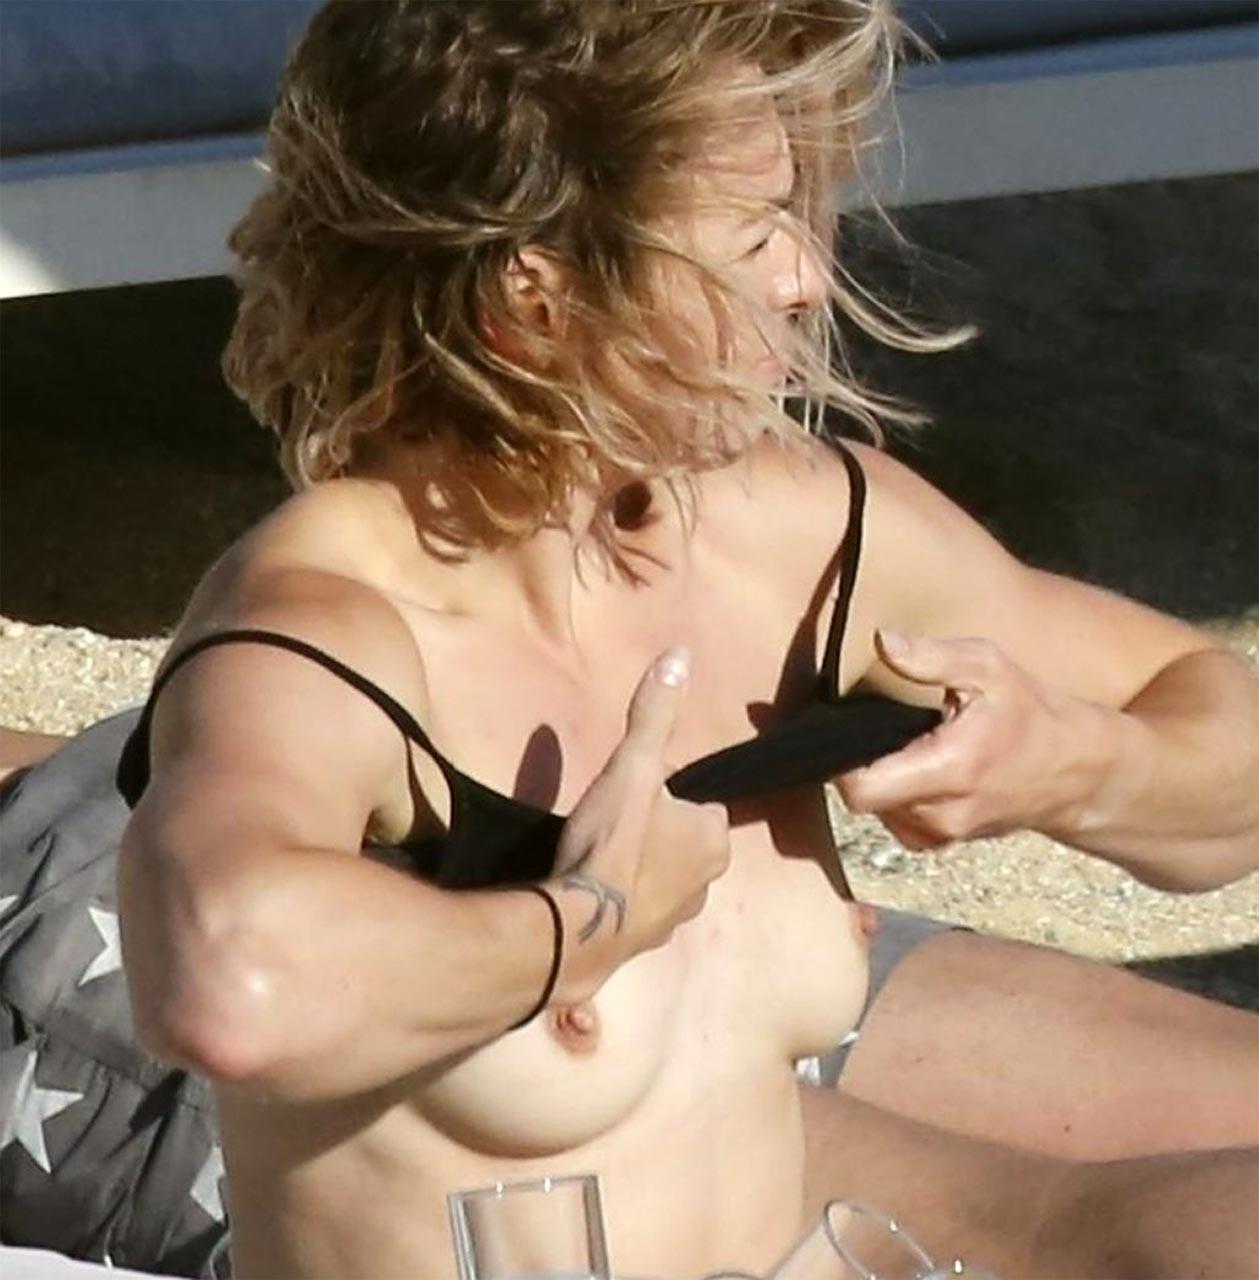 Sex Stephanie Pratt naked (15 photos), Sexy, Hot, Instagram, lingerie 2020